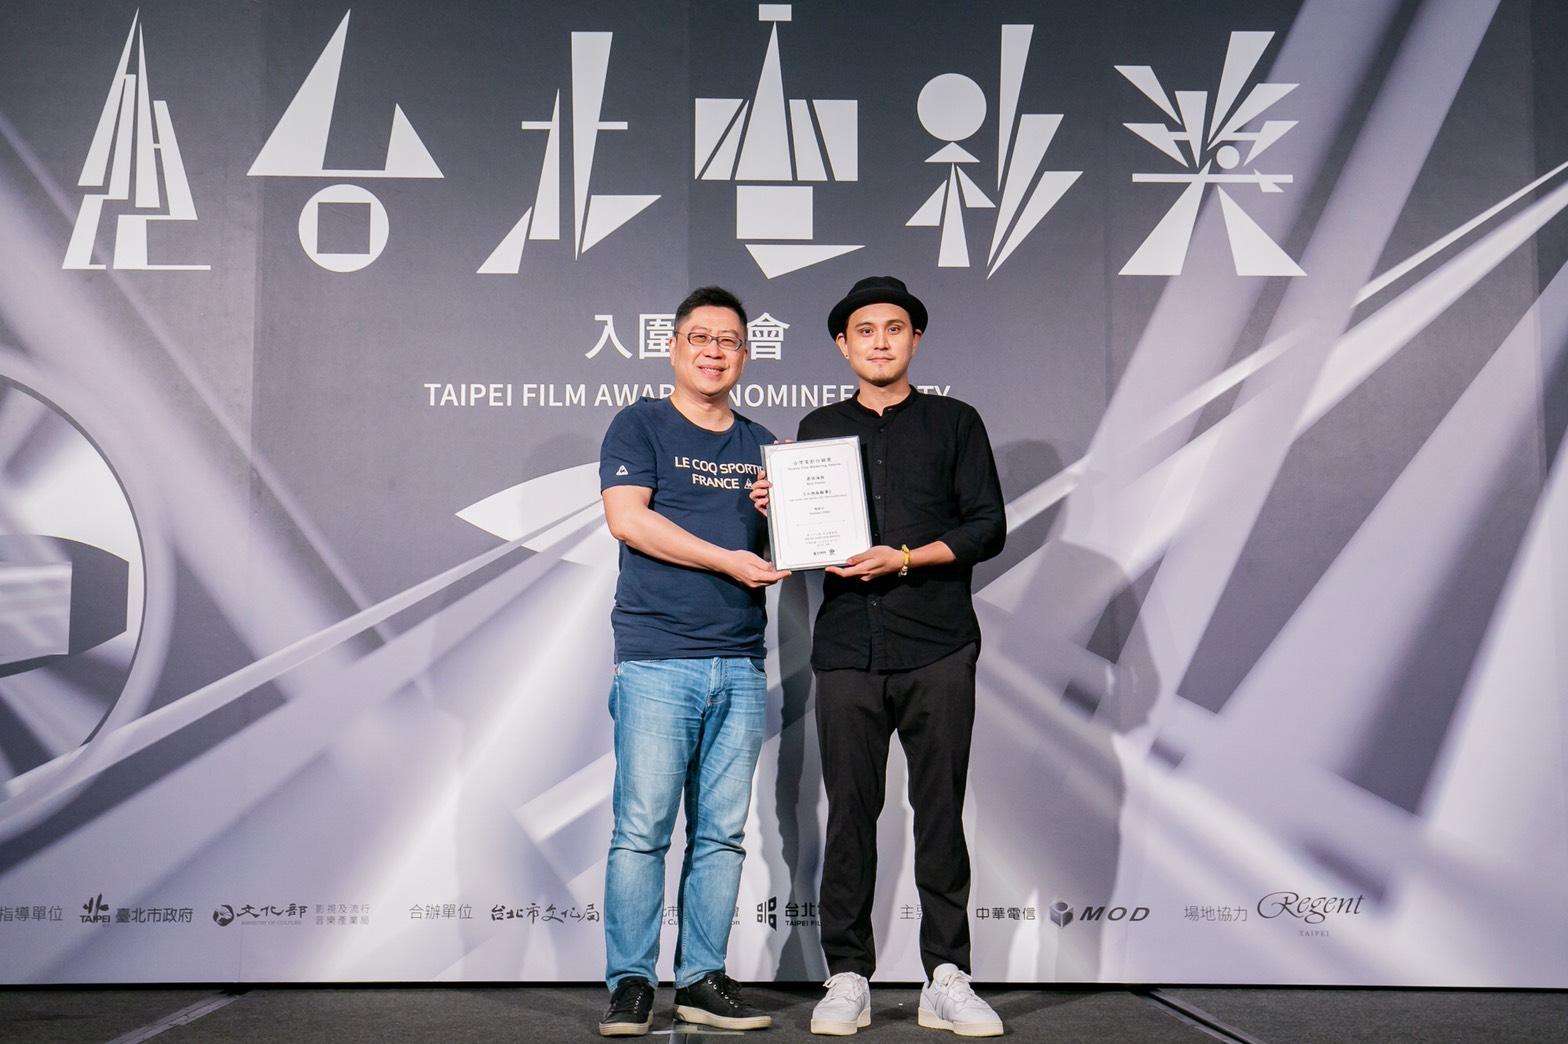 前景娛樂總經理黃茂昌頒發最佳海報給《江湖無難事》海報設計陳世川。